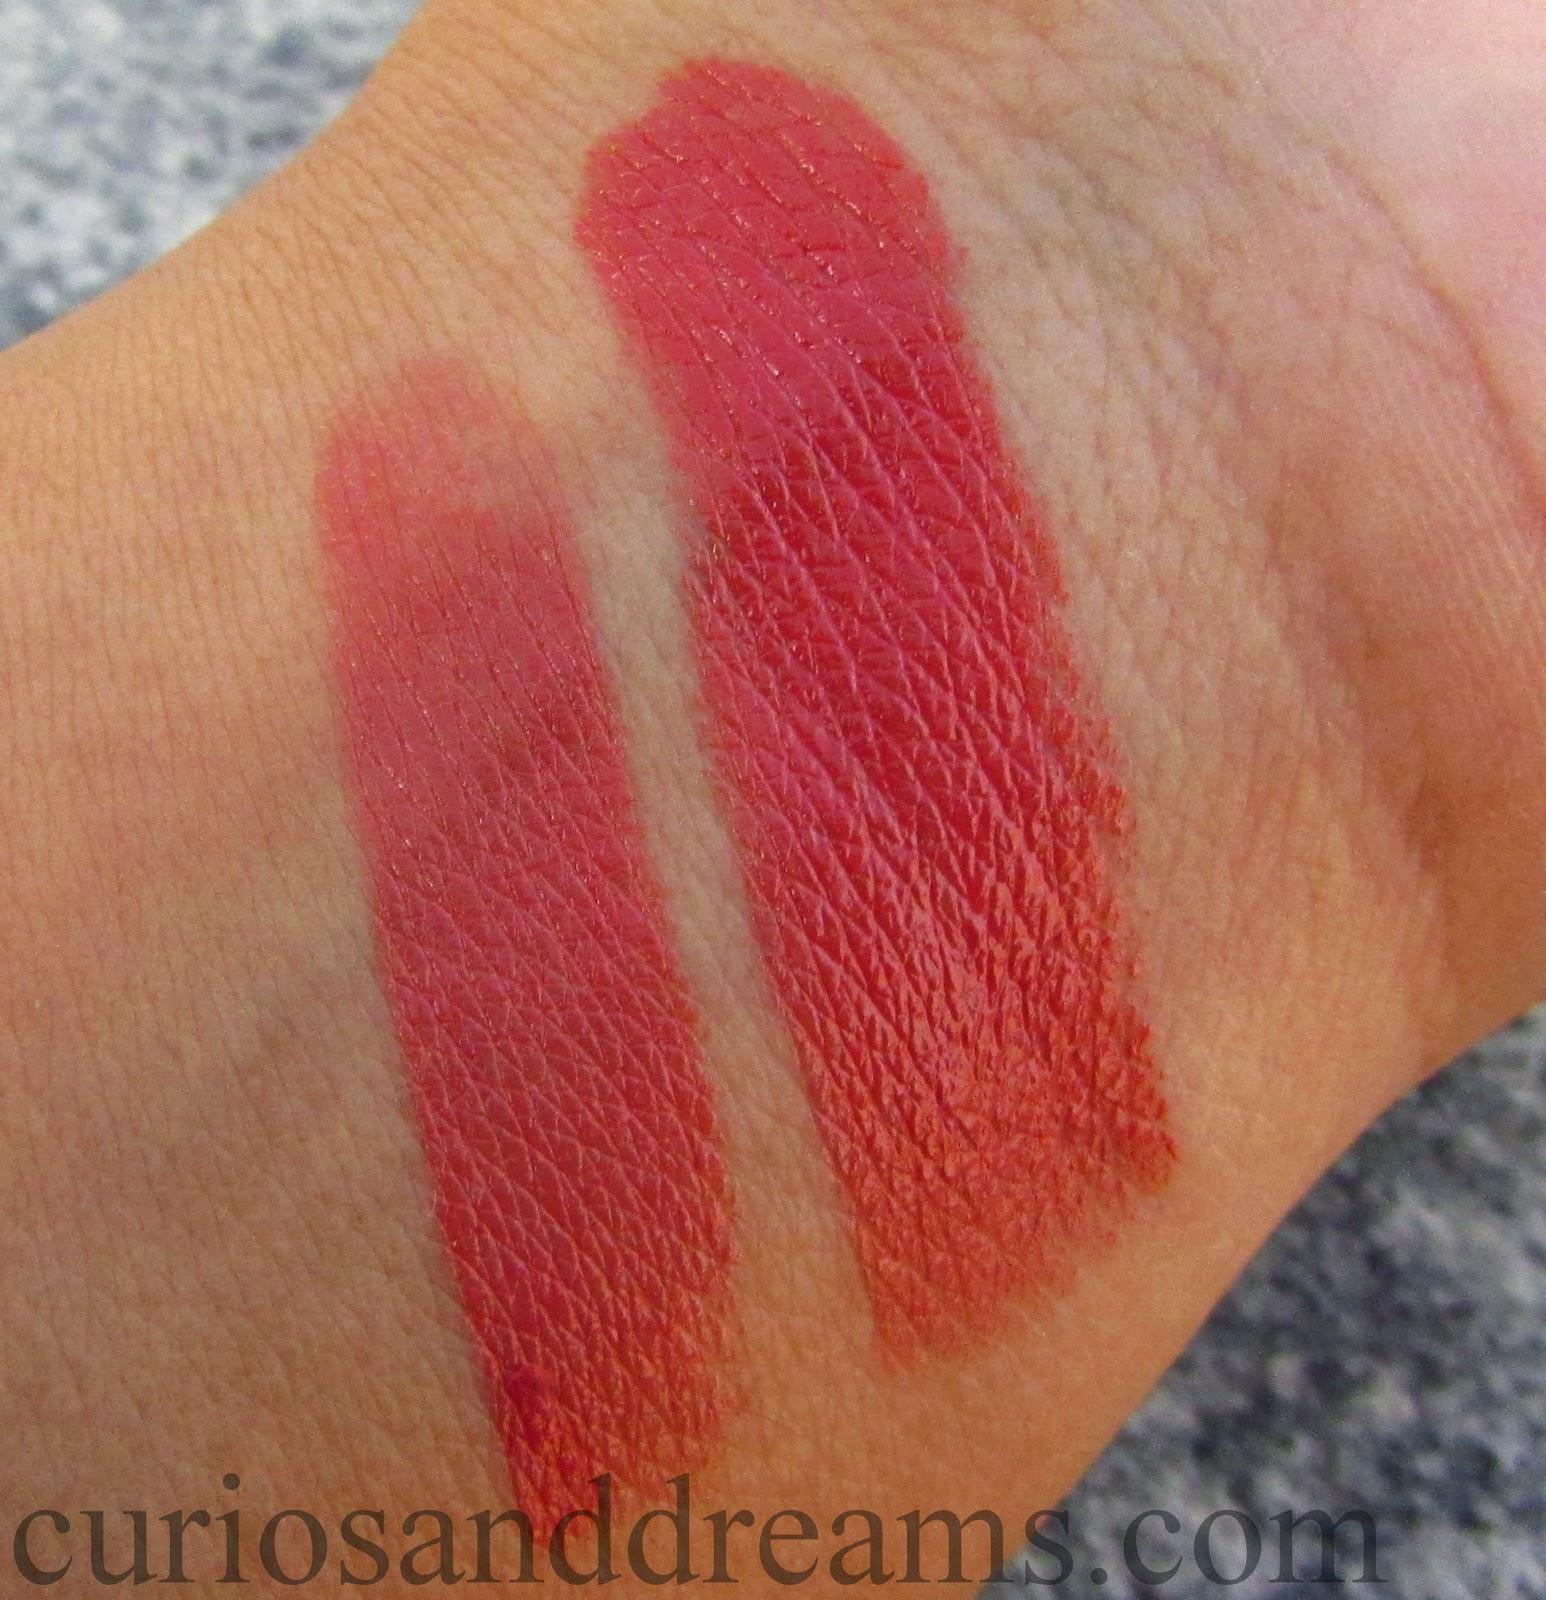 Colorbar Nude Coral lipstick, Colorbar Nude Coral lipstick review, Colorbar Nude Coral lipstick swatch